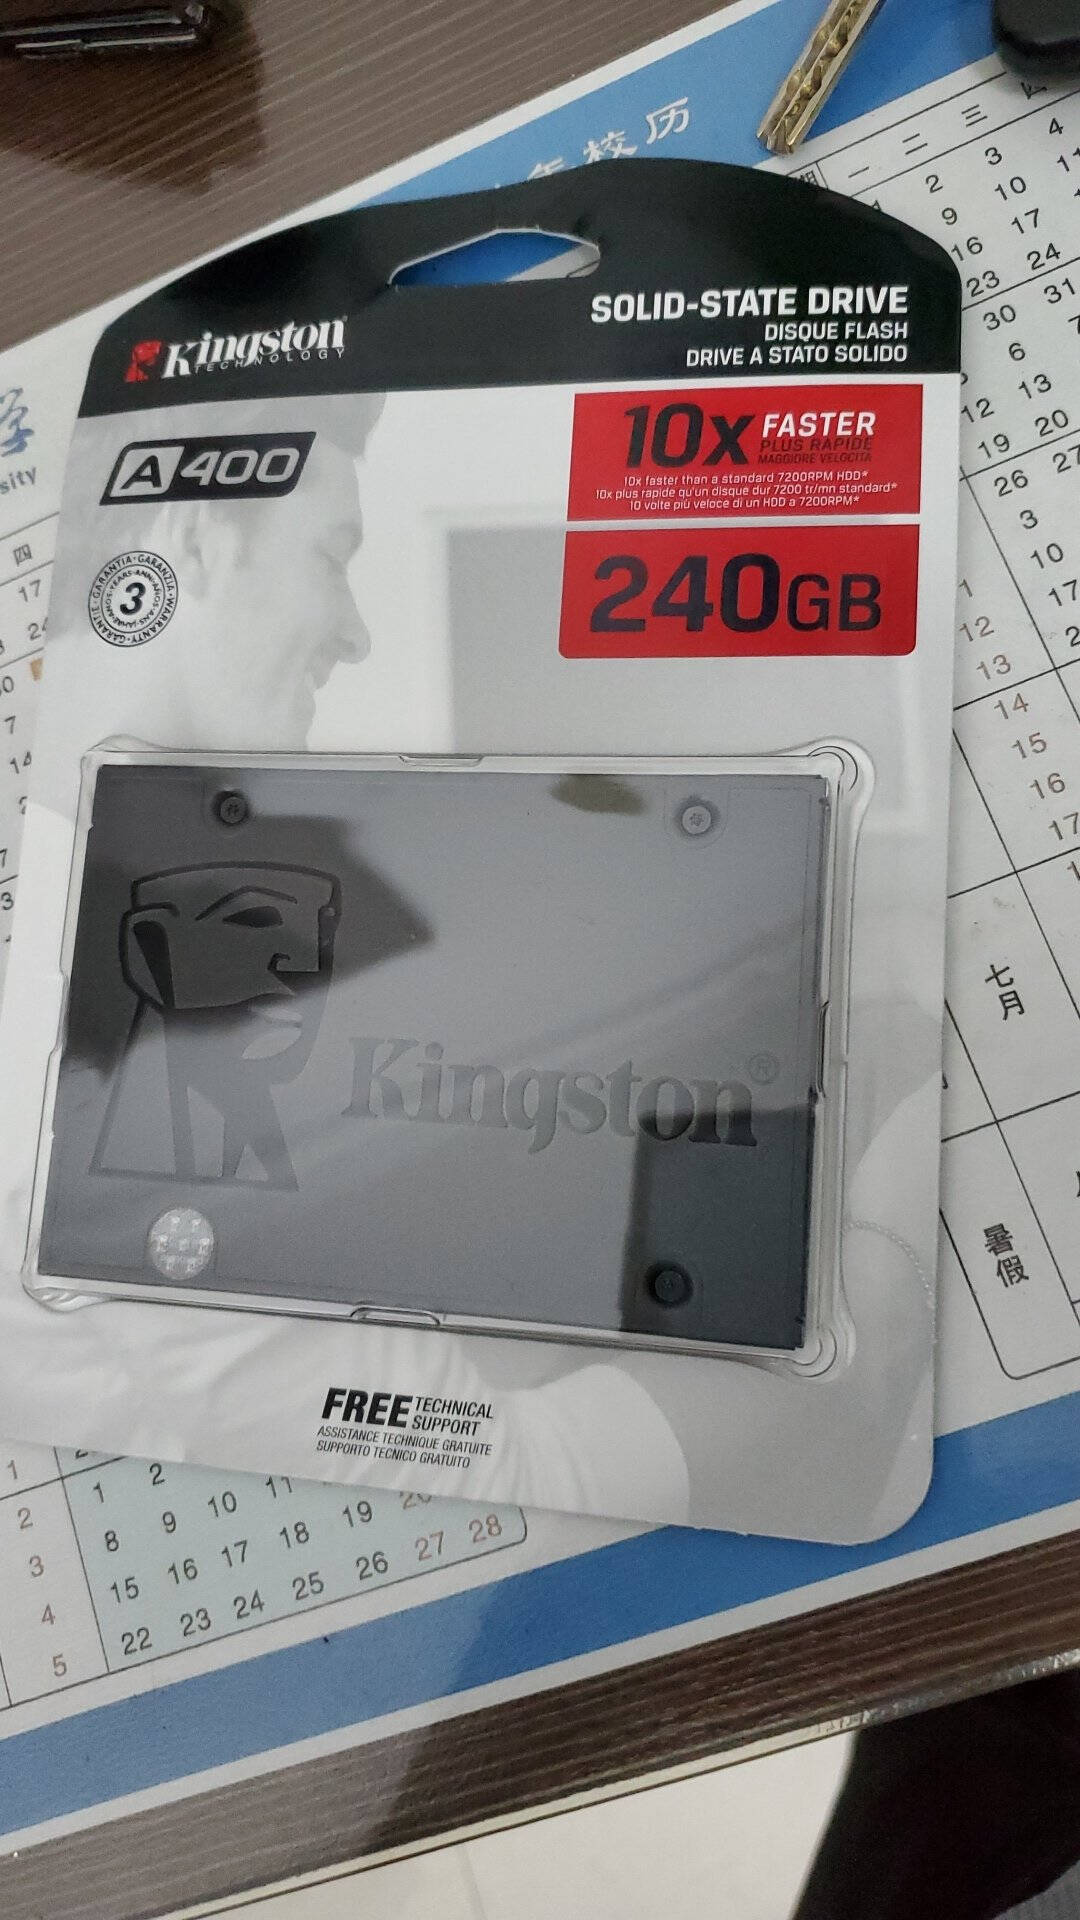 金士顿(Kingston)A400SSD固态硬盘台式机笔记本SATA3.0接口固态硬盘480G非500G(游戏推荐)